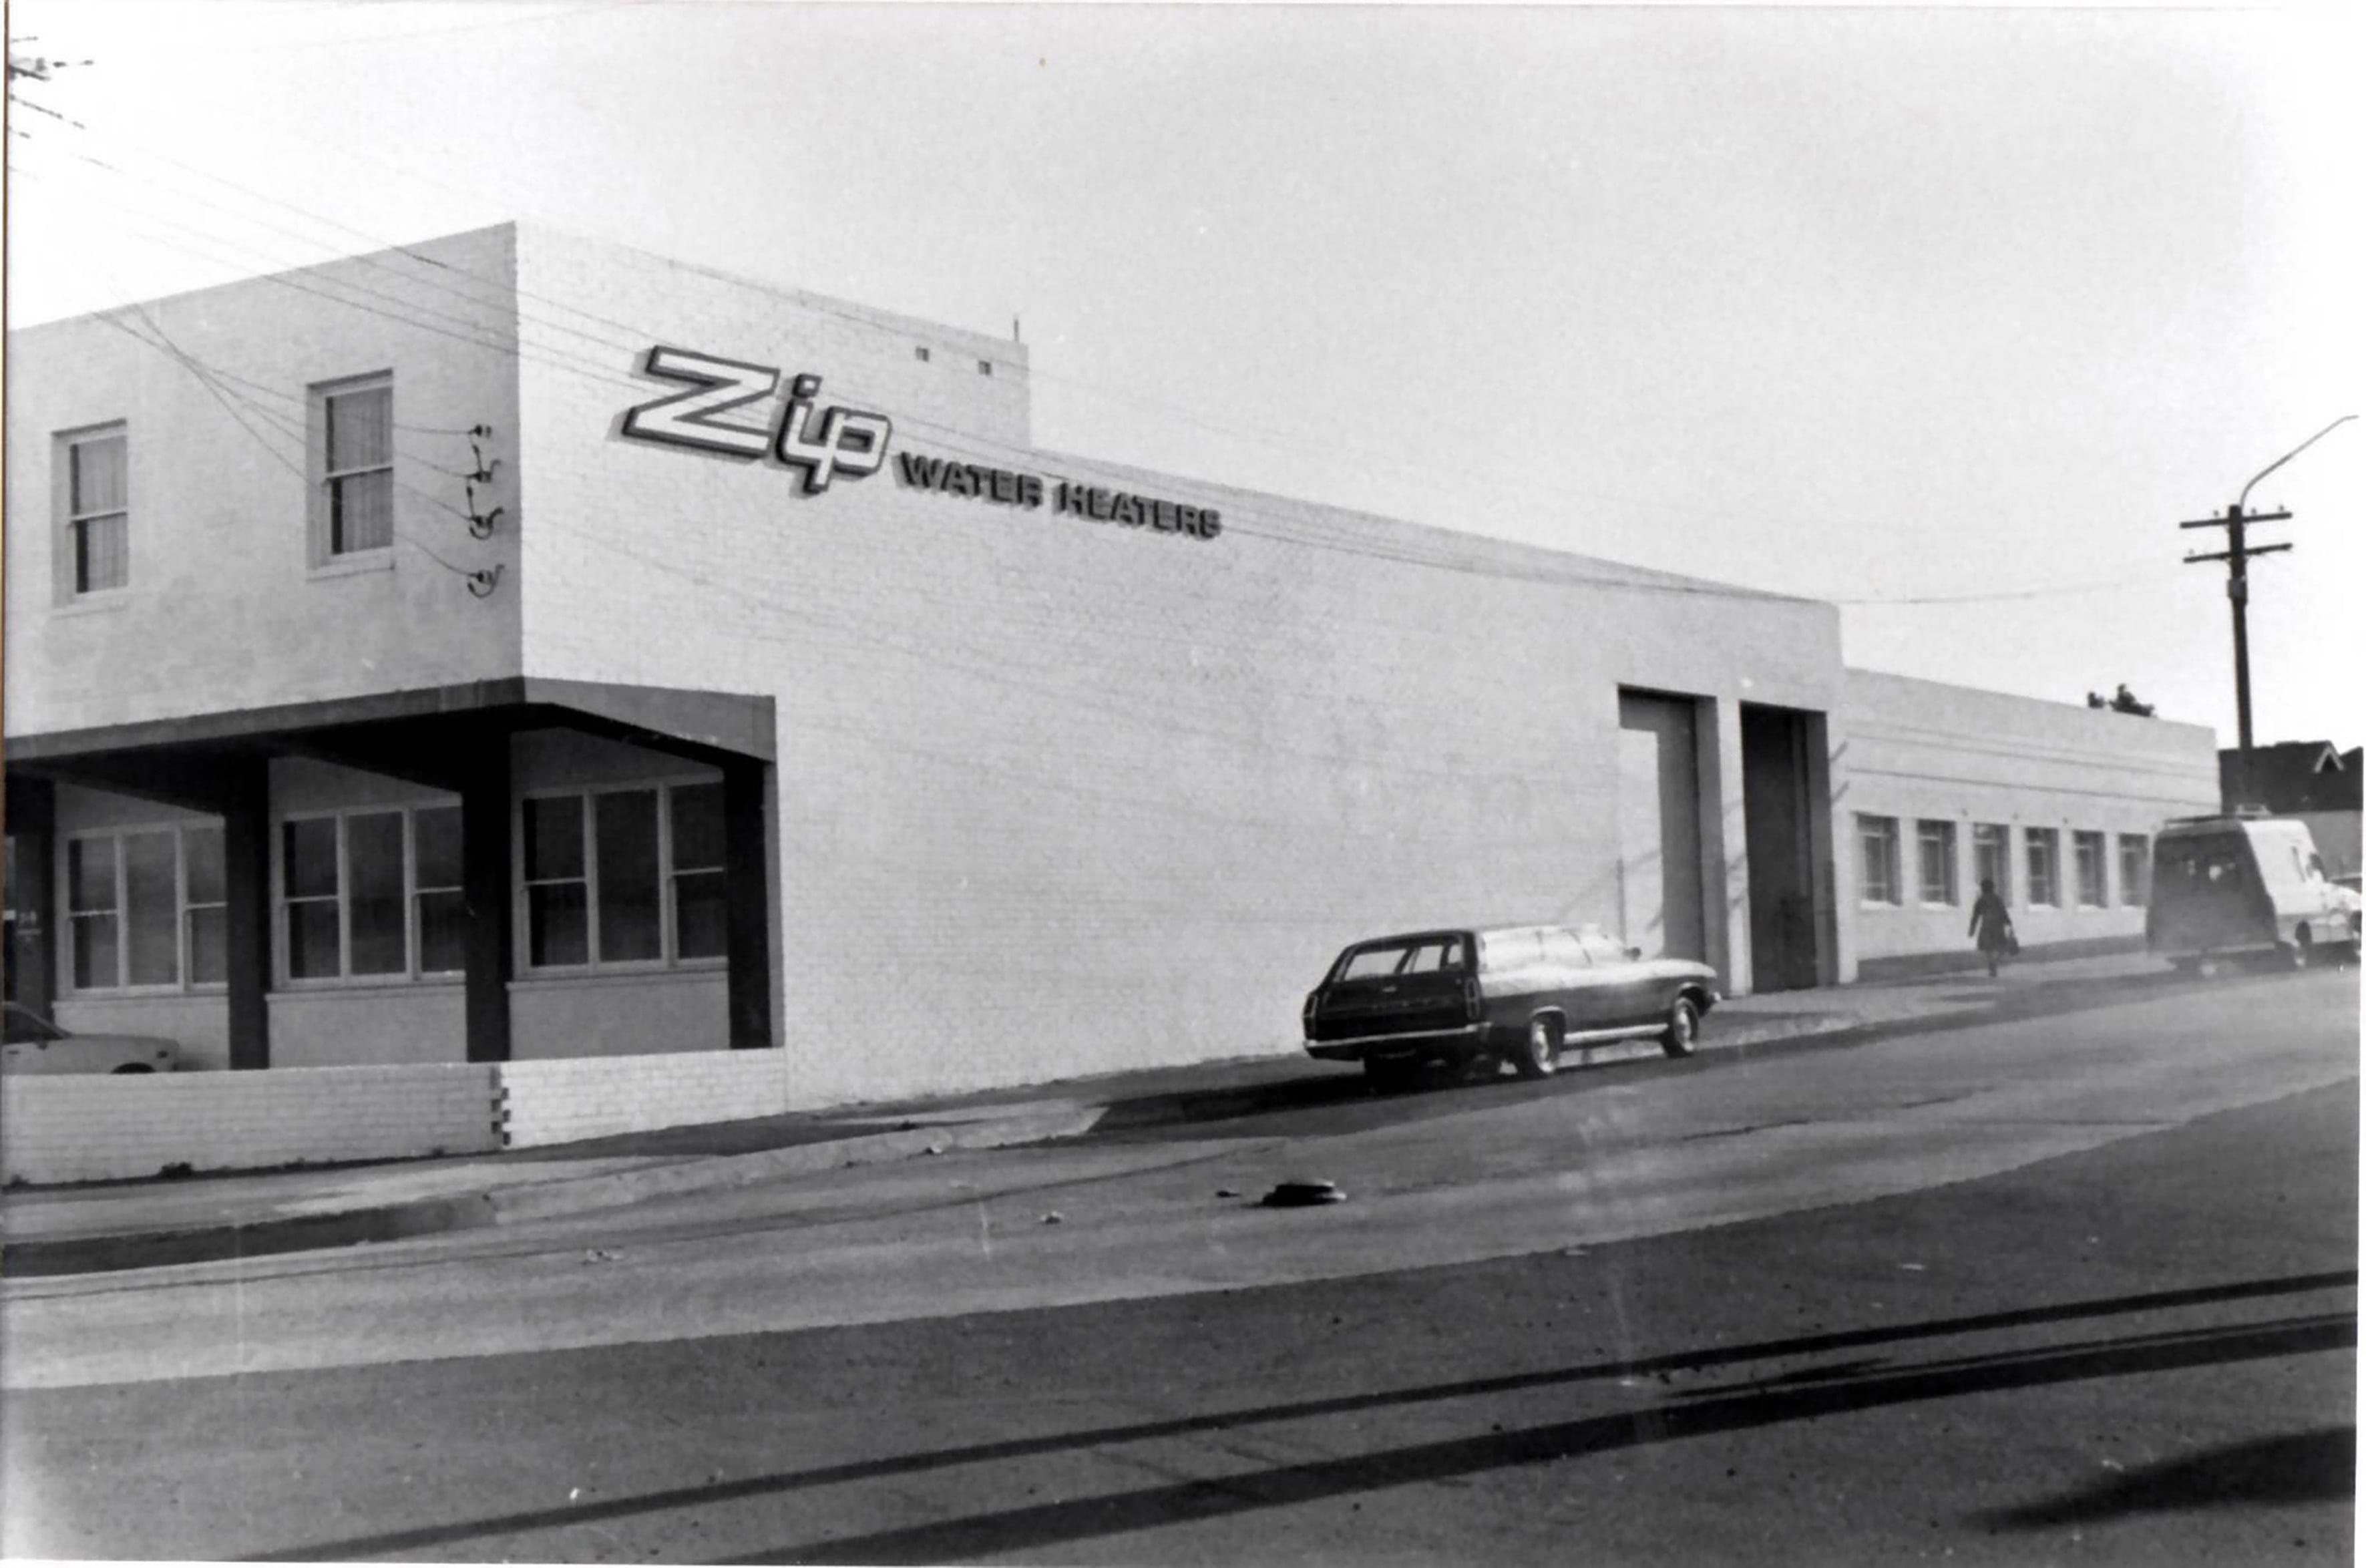 Zip Water History